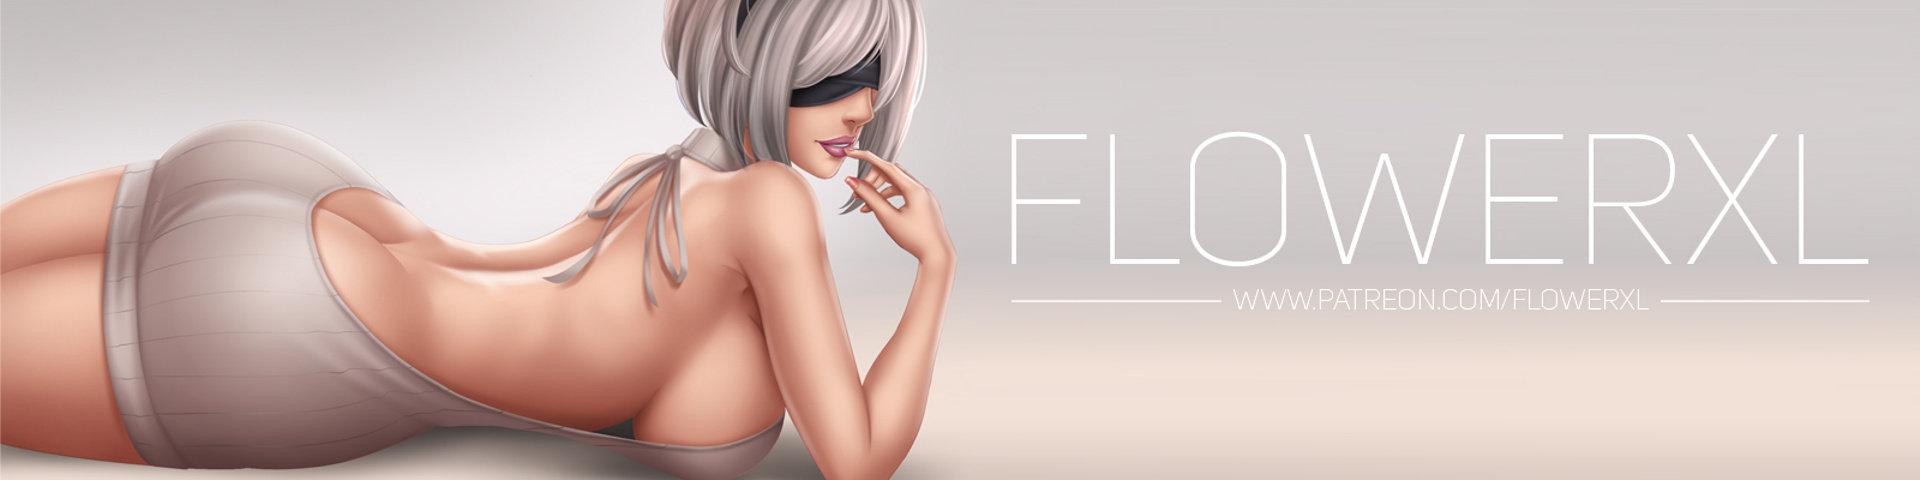 画师flowerxl插画